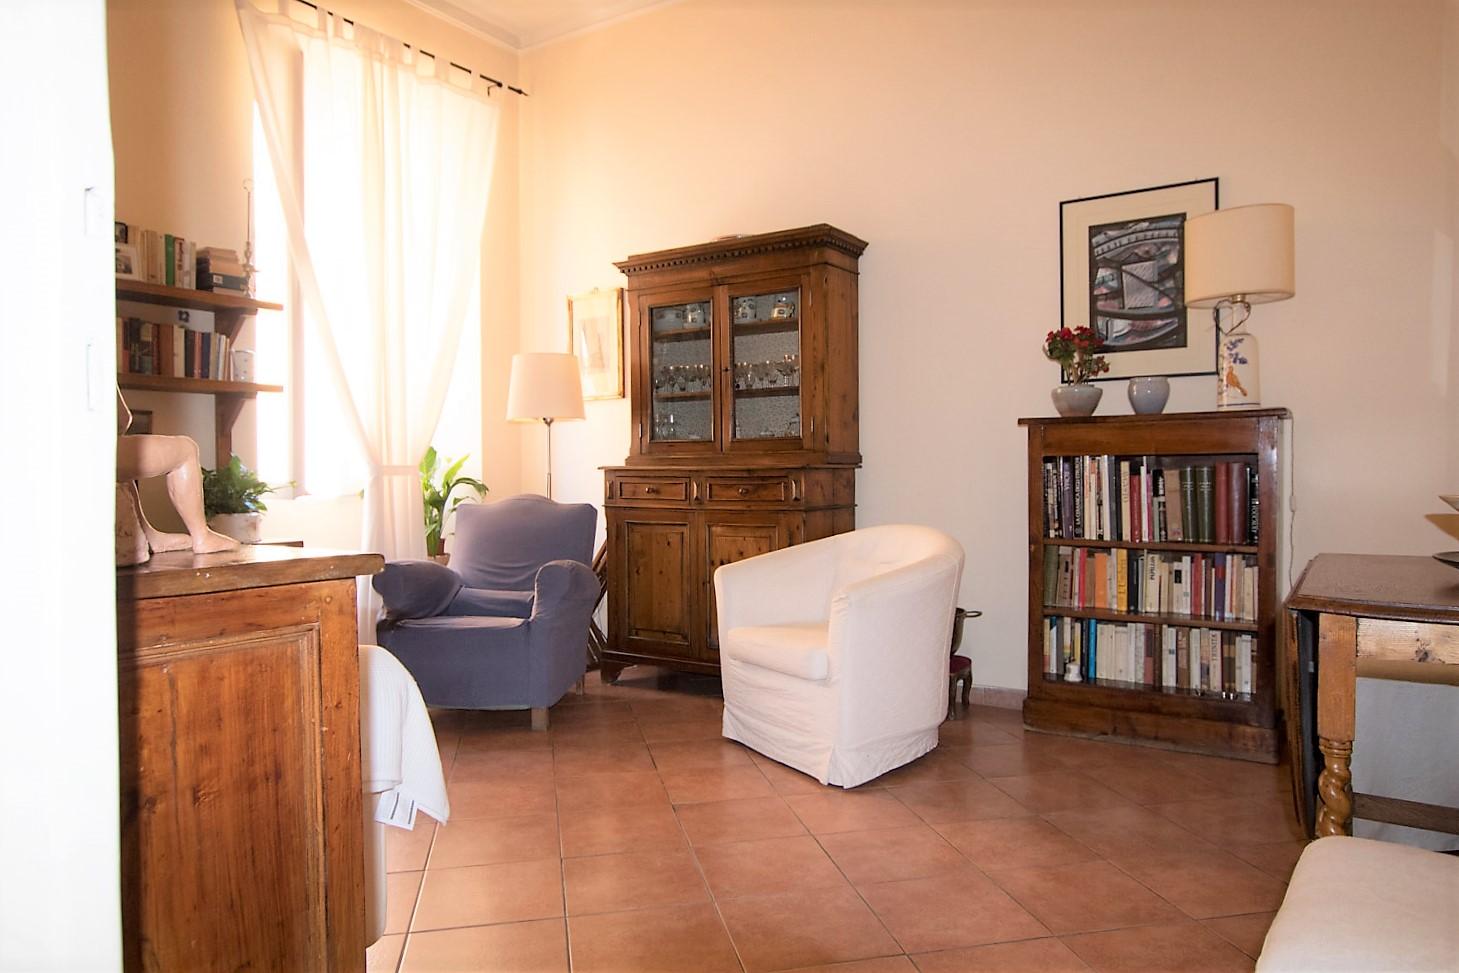 affitto roma zona san giovanni appartamento a pochi